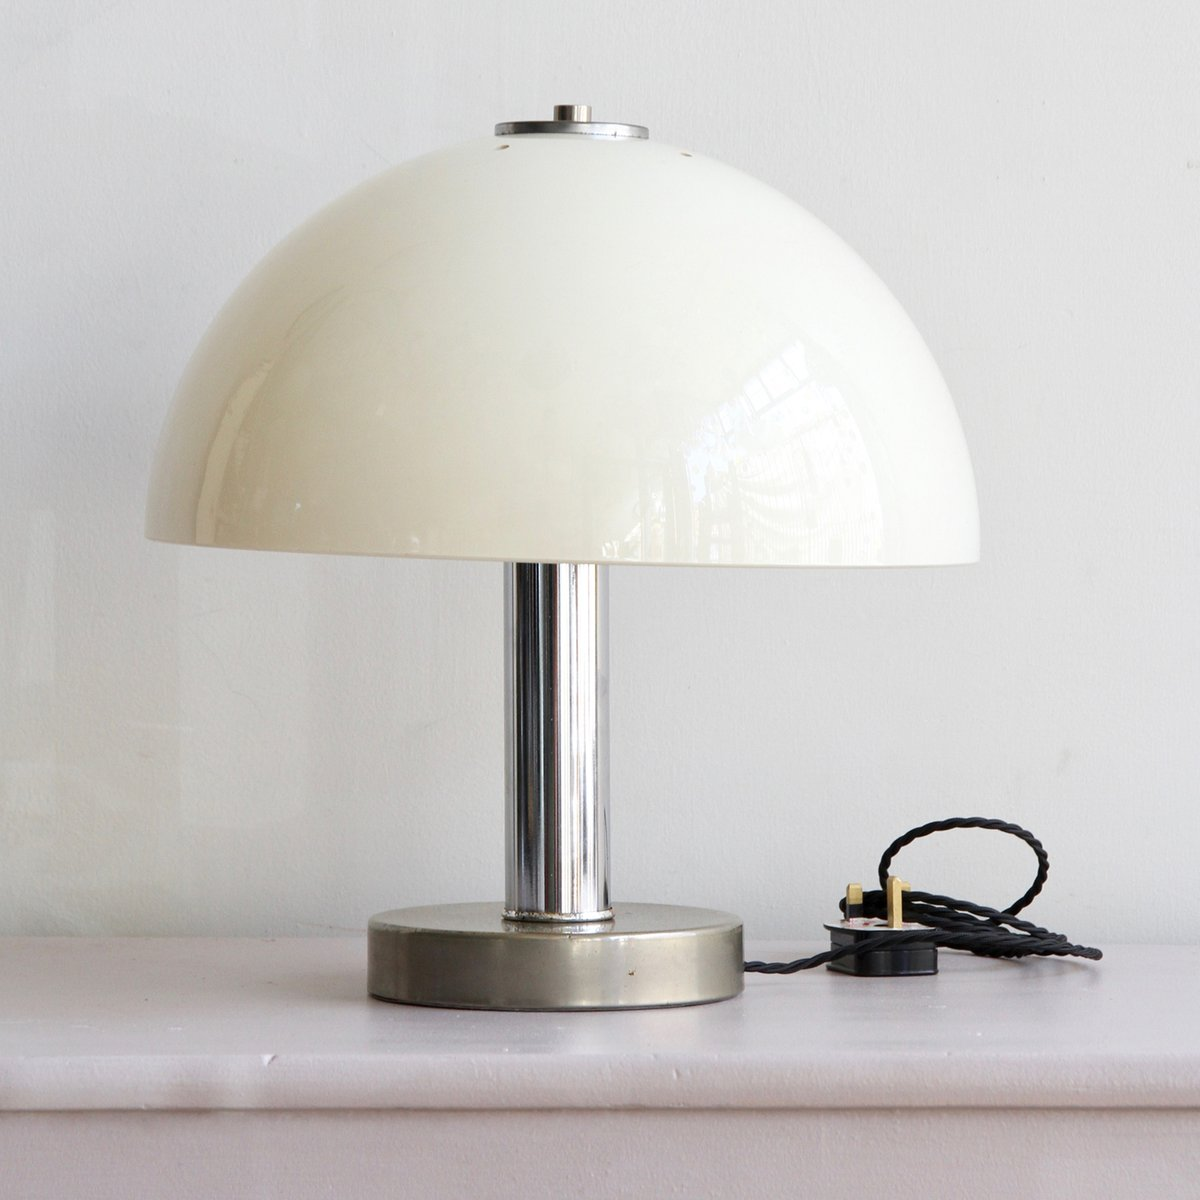 Mushroom Tischlampe aus Chrom & Plexiglas von Prova, 1970er